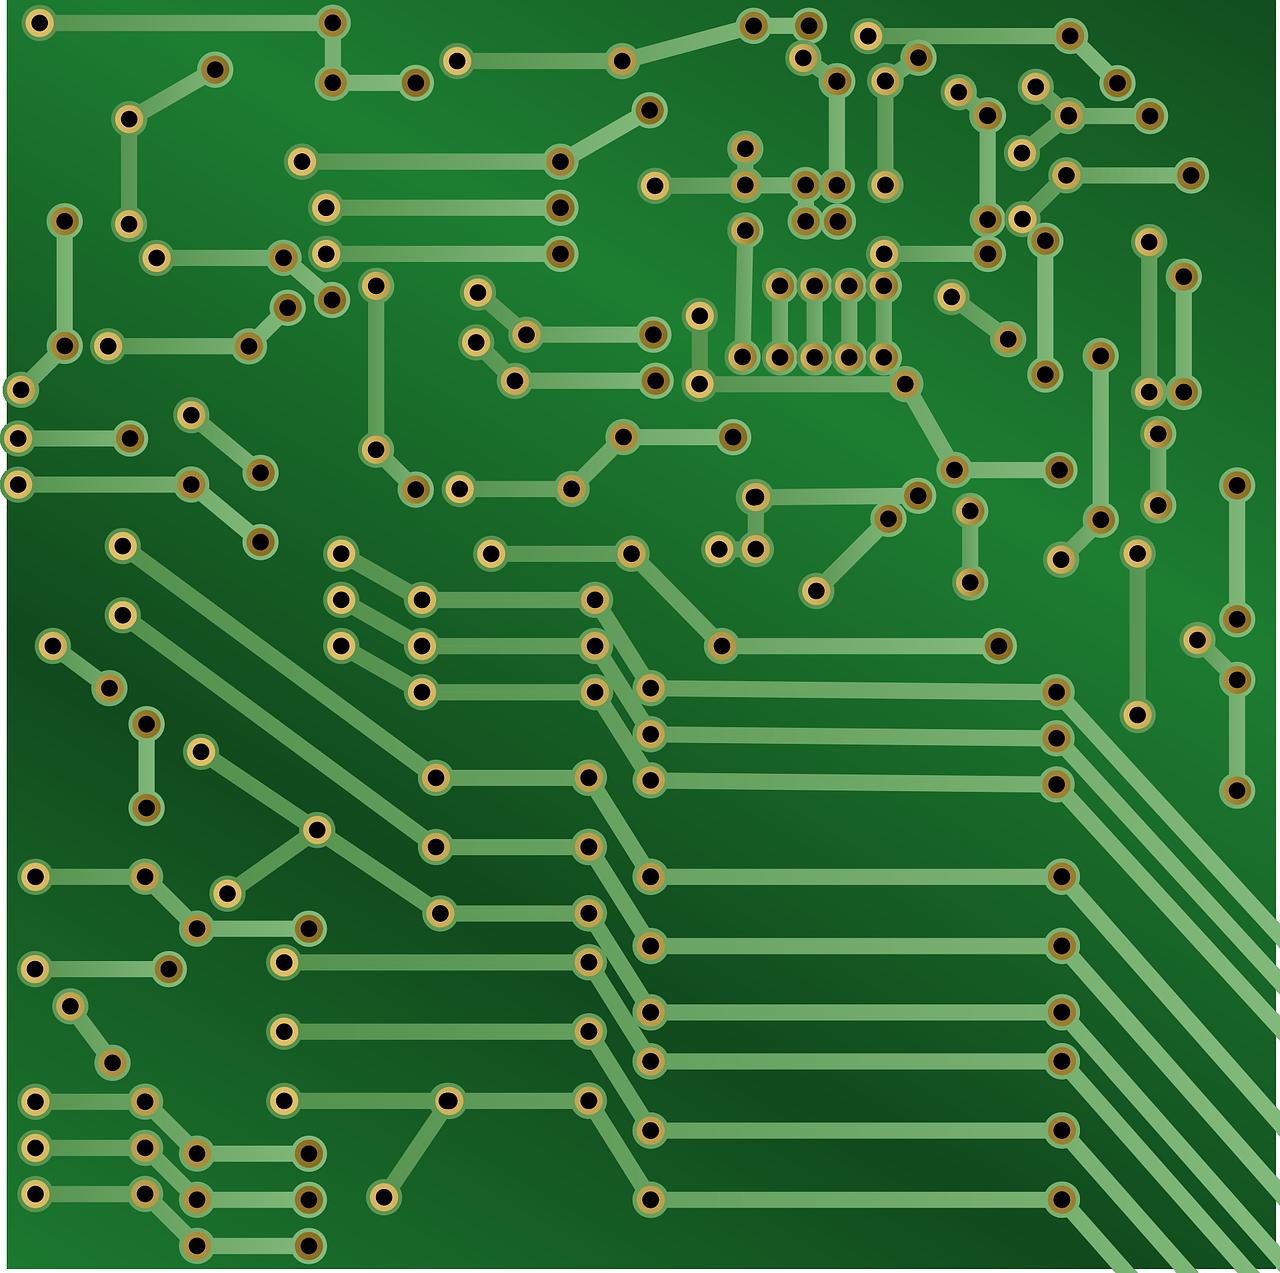 circuit board, electronics, printed circuit board